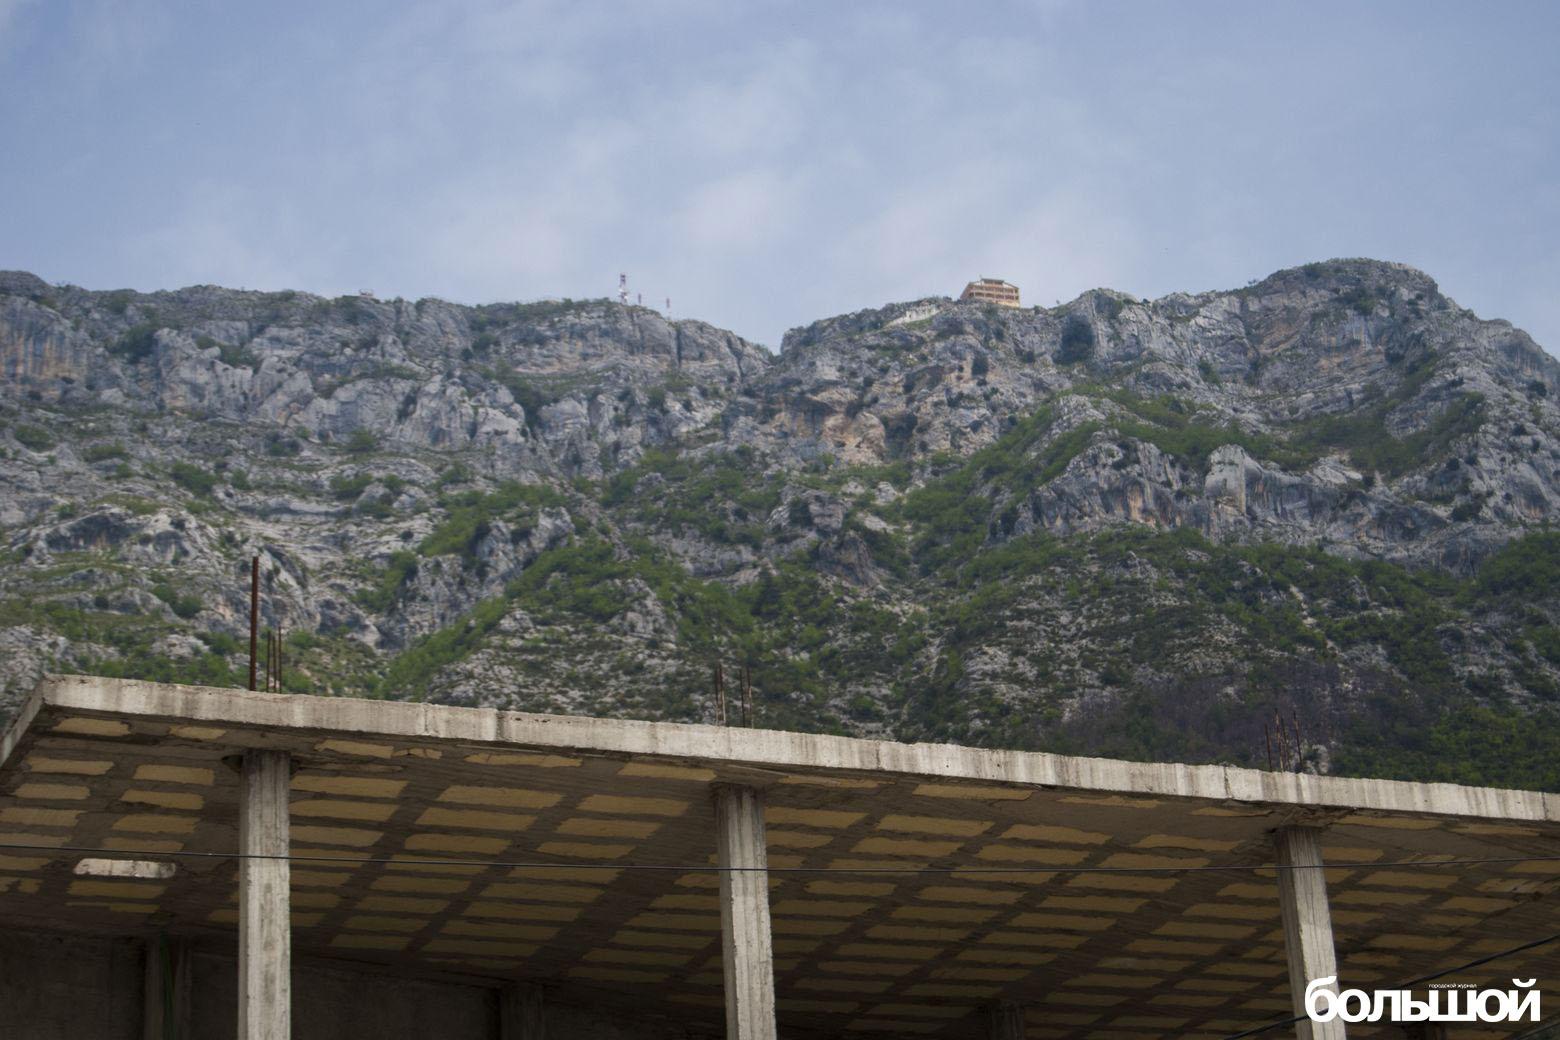 Бетонная конструкция с фоном из гор